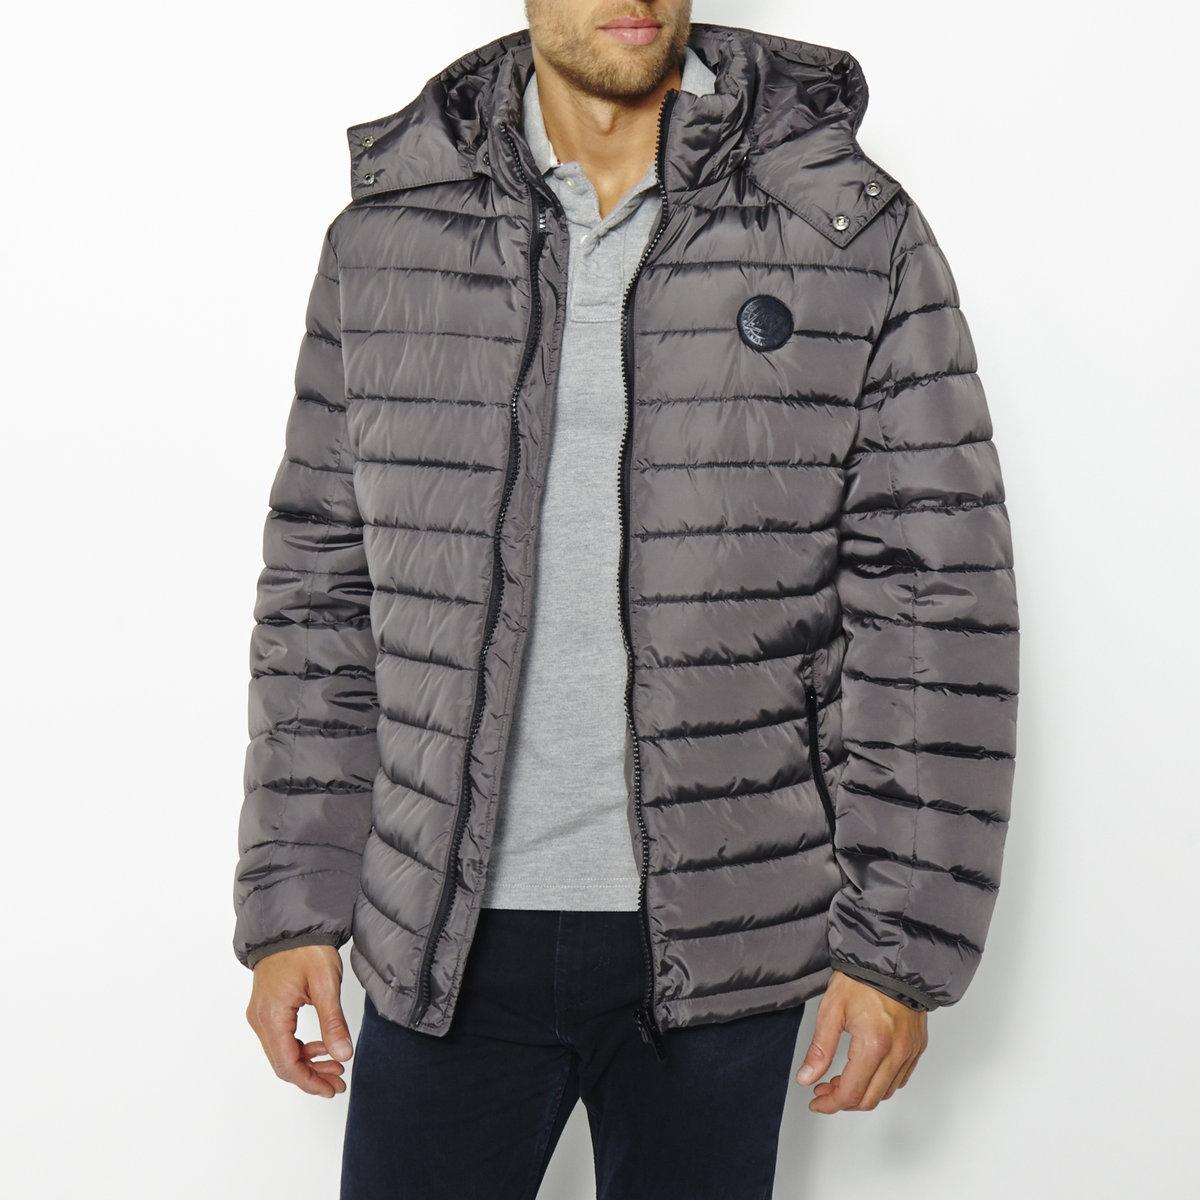 Куртка стеганая BENTIСтеганая куртка BENTI от KAPORAL. 100% полиамид. Подкладка из полиэстера. Съемный капюшон. Длинные рукава. Высокий воротник. Застежка на молнию. 2 кармана с застежкой на молнию. Логотип сзади. Низ на кулиске с фиксаторами.<br><br>Цвет: серый,черный<br>Размер: XL.S.XXL